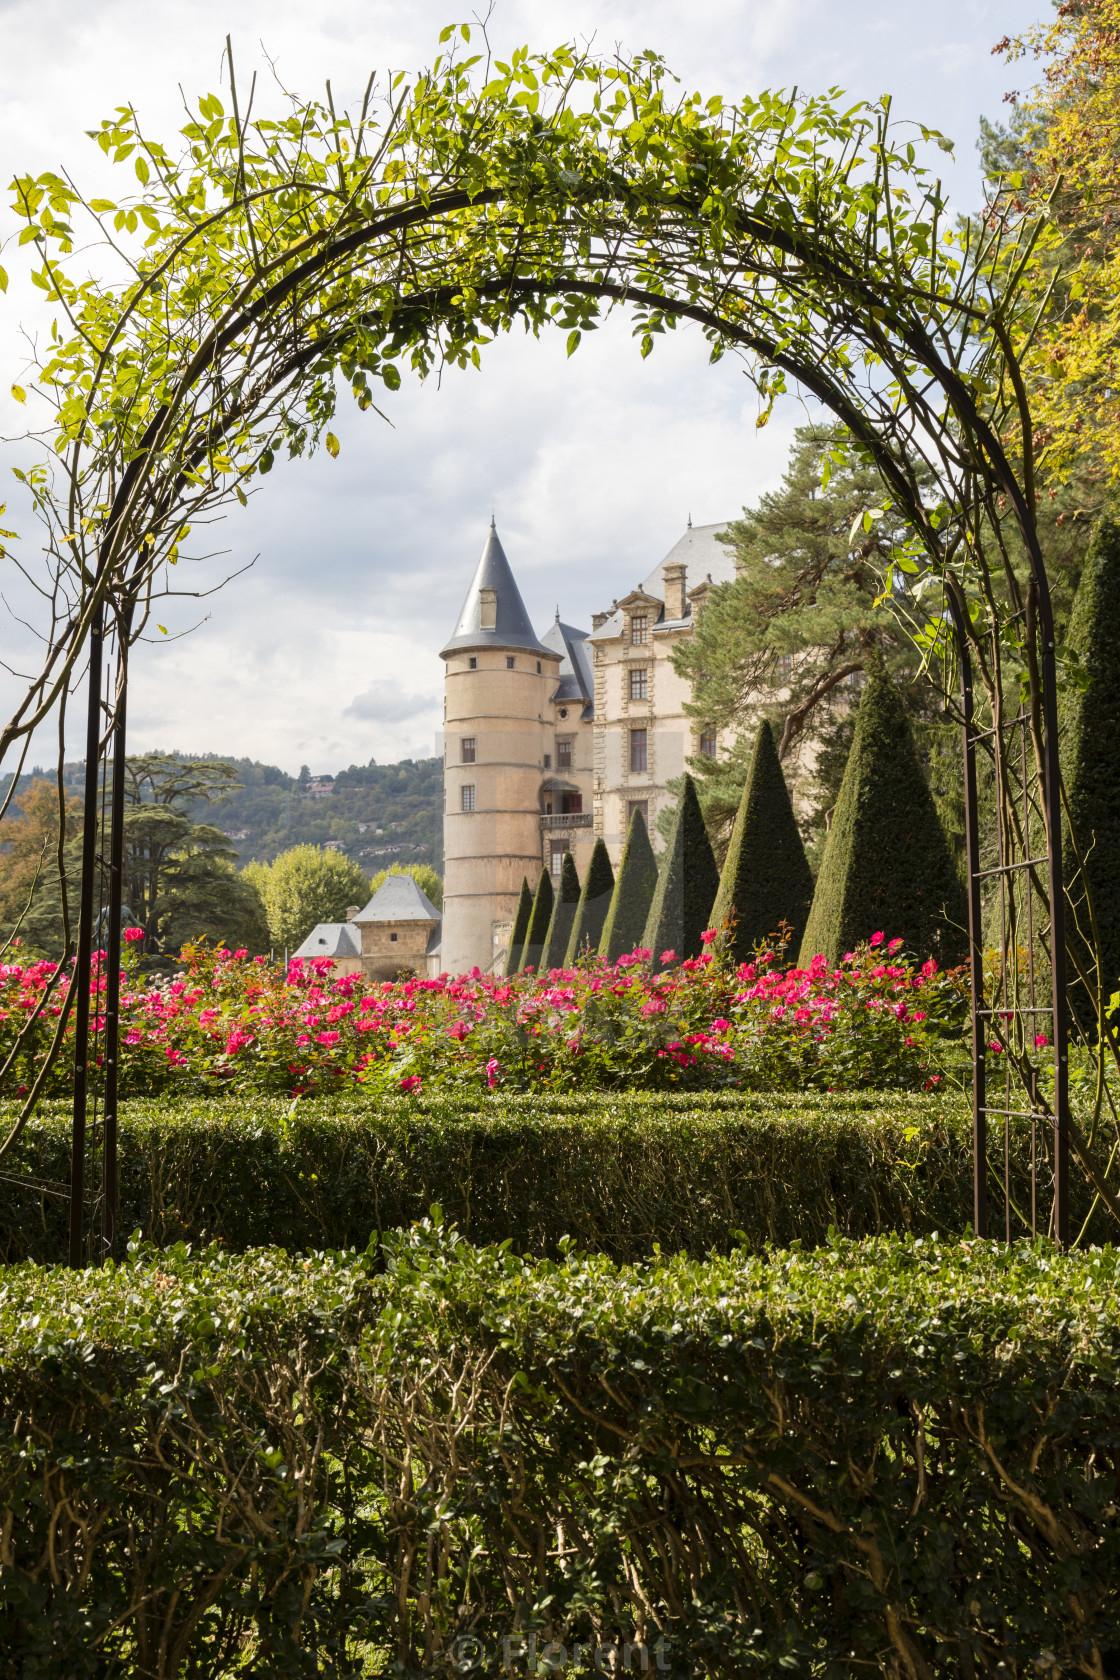 Vizille, Isere, France, September 30 2018: Chateau De pour Region De France 2018